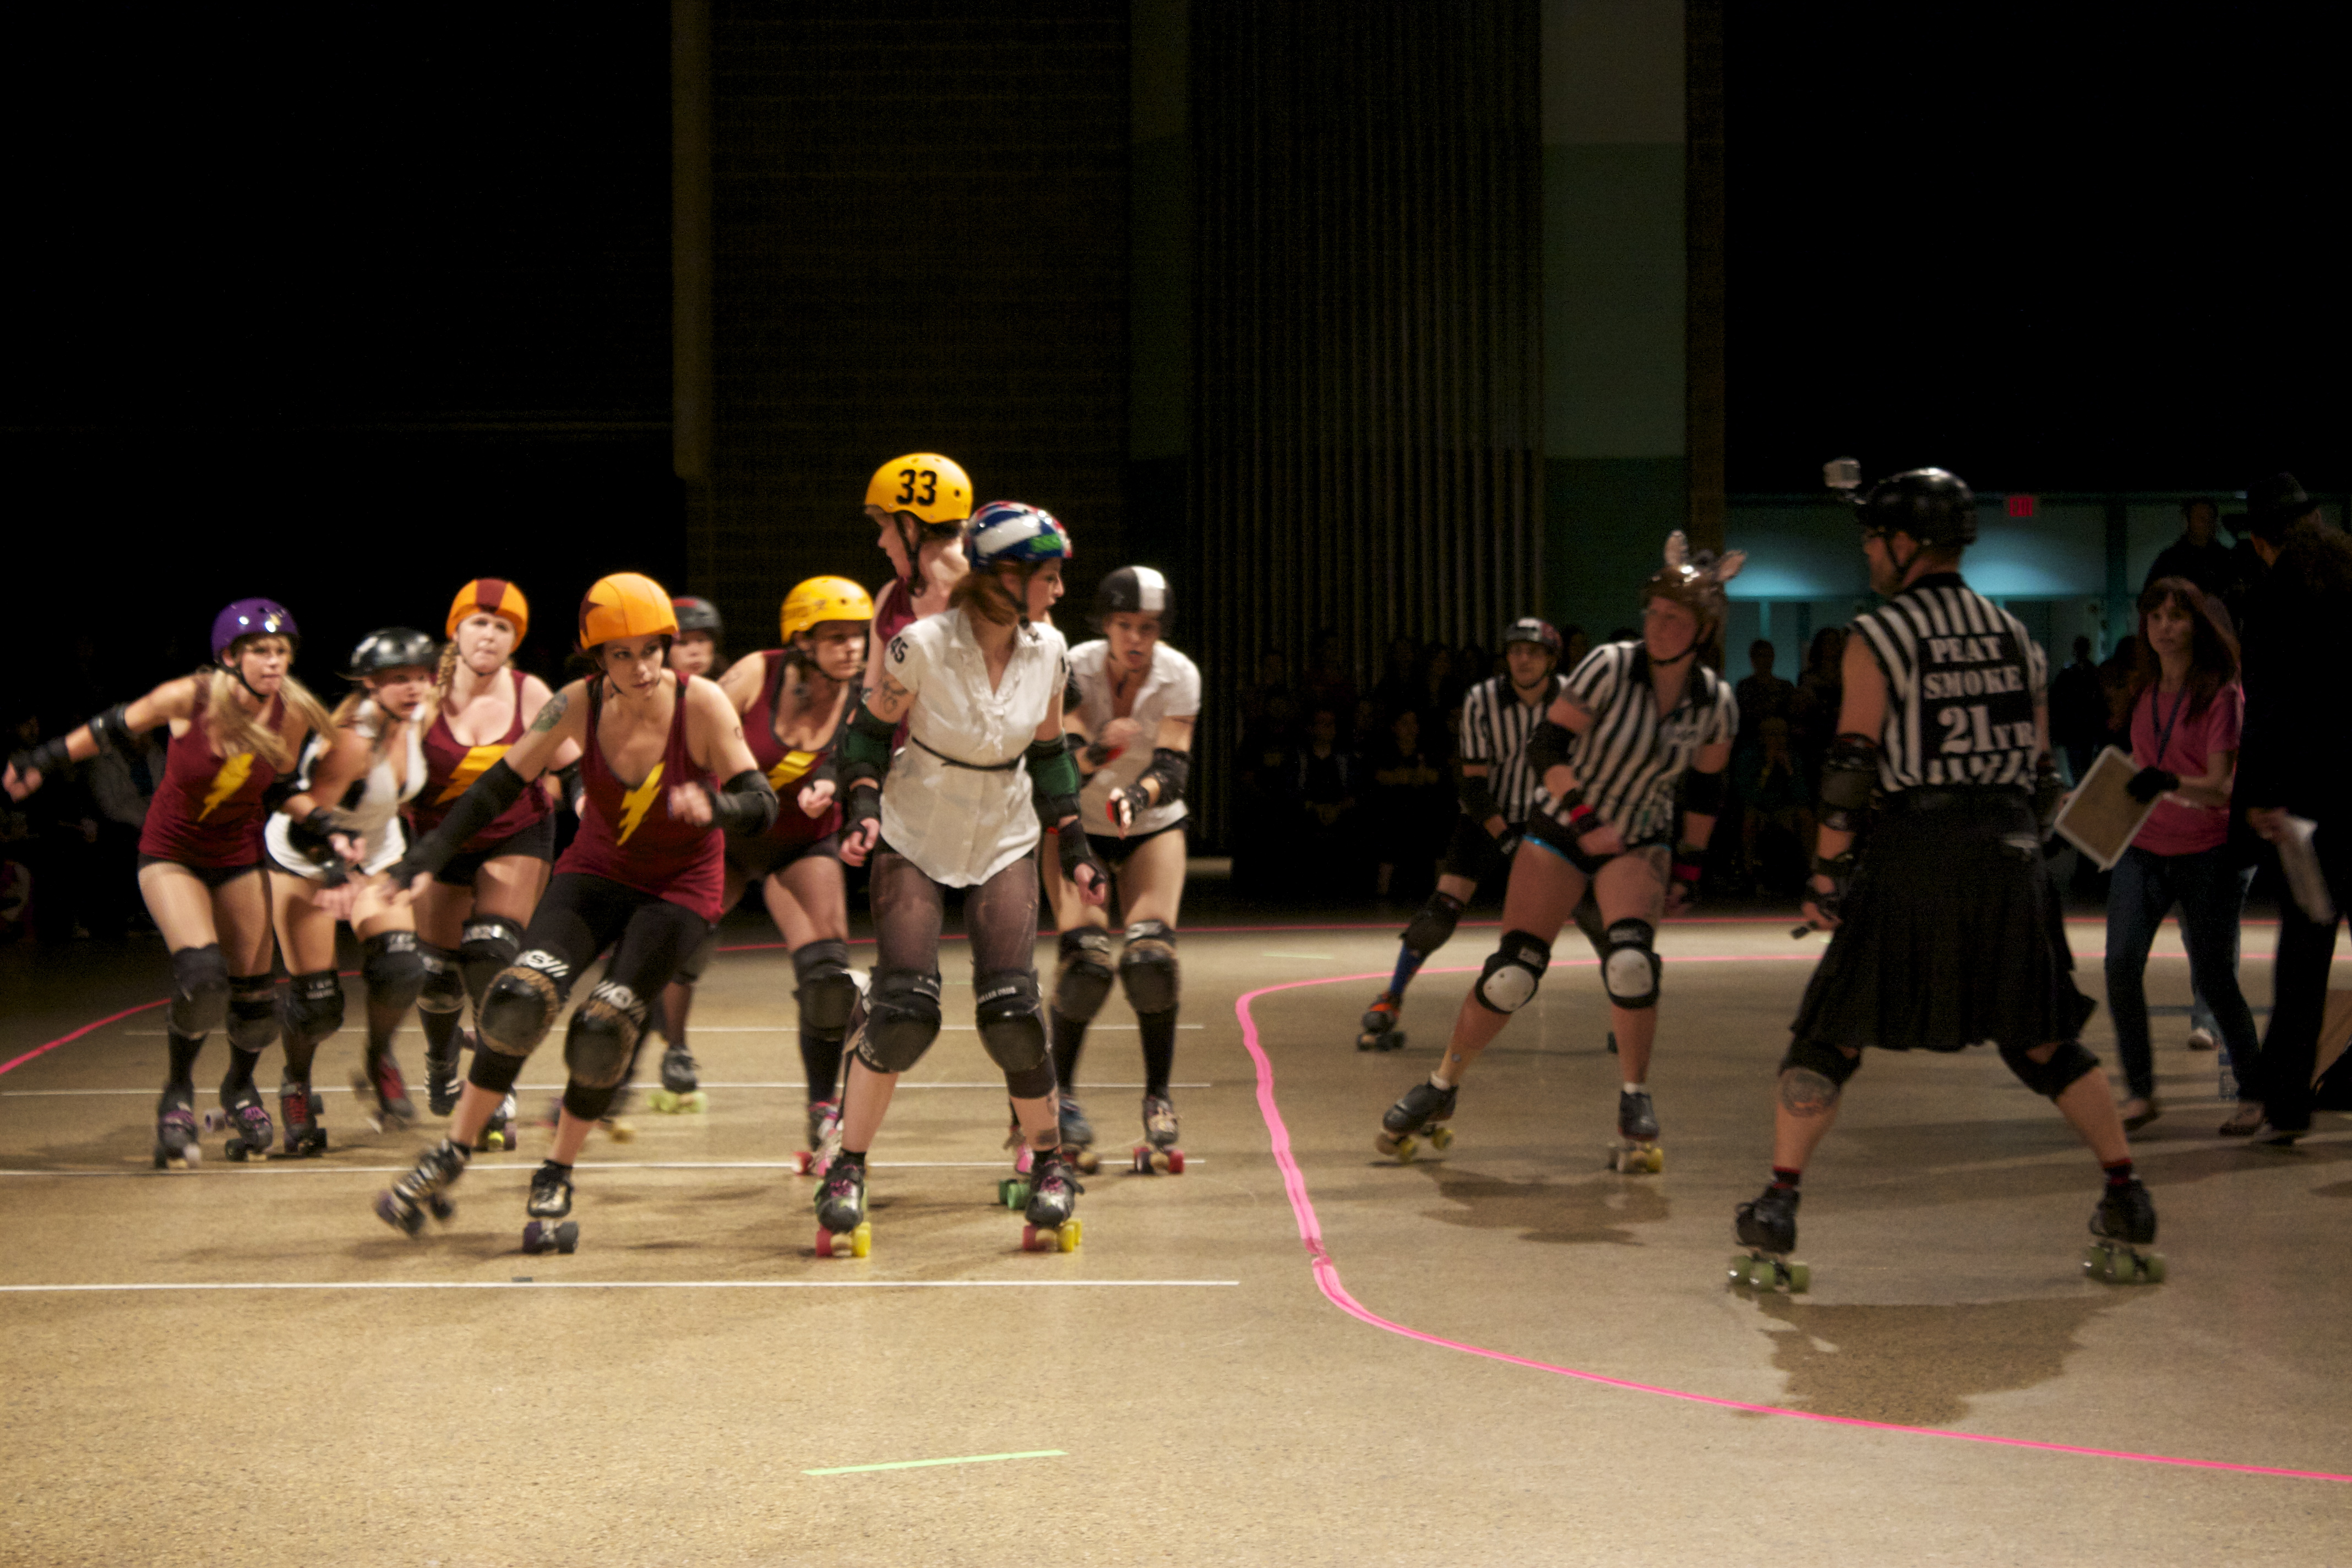 Roller skates winnipeg - In